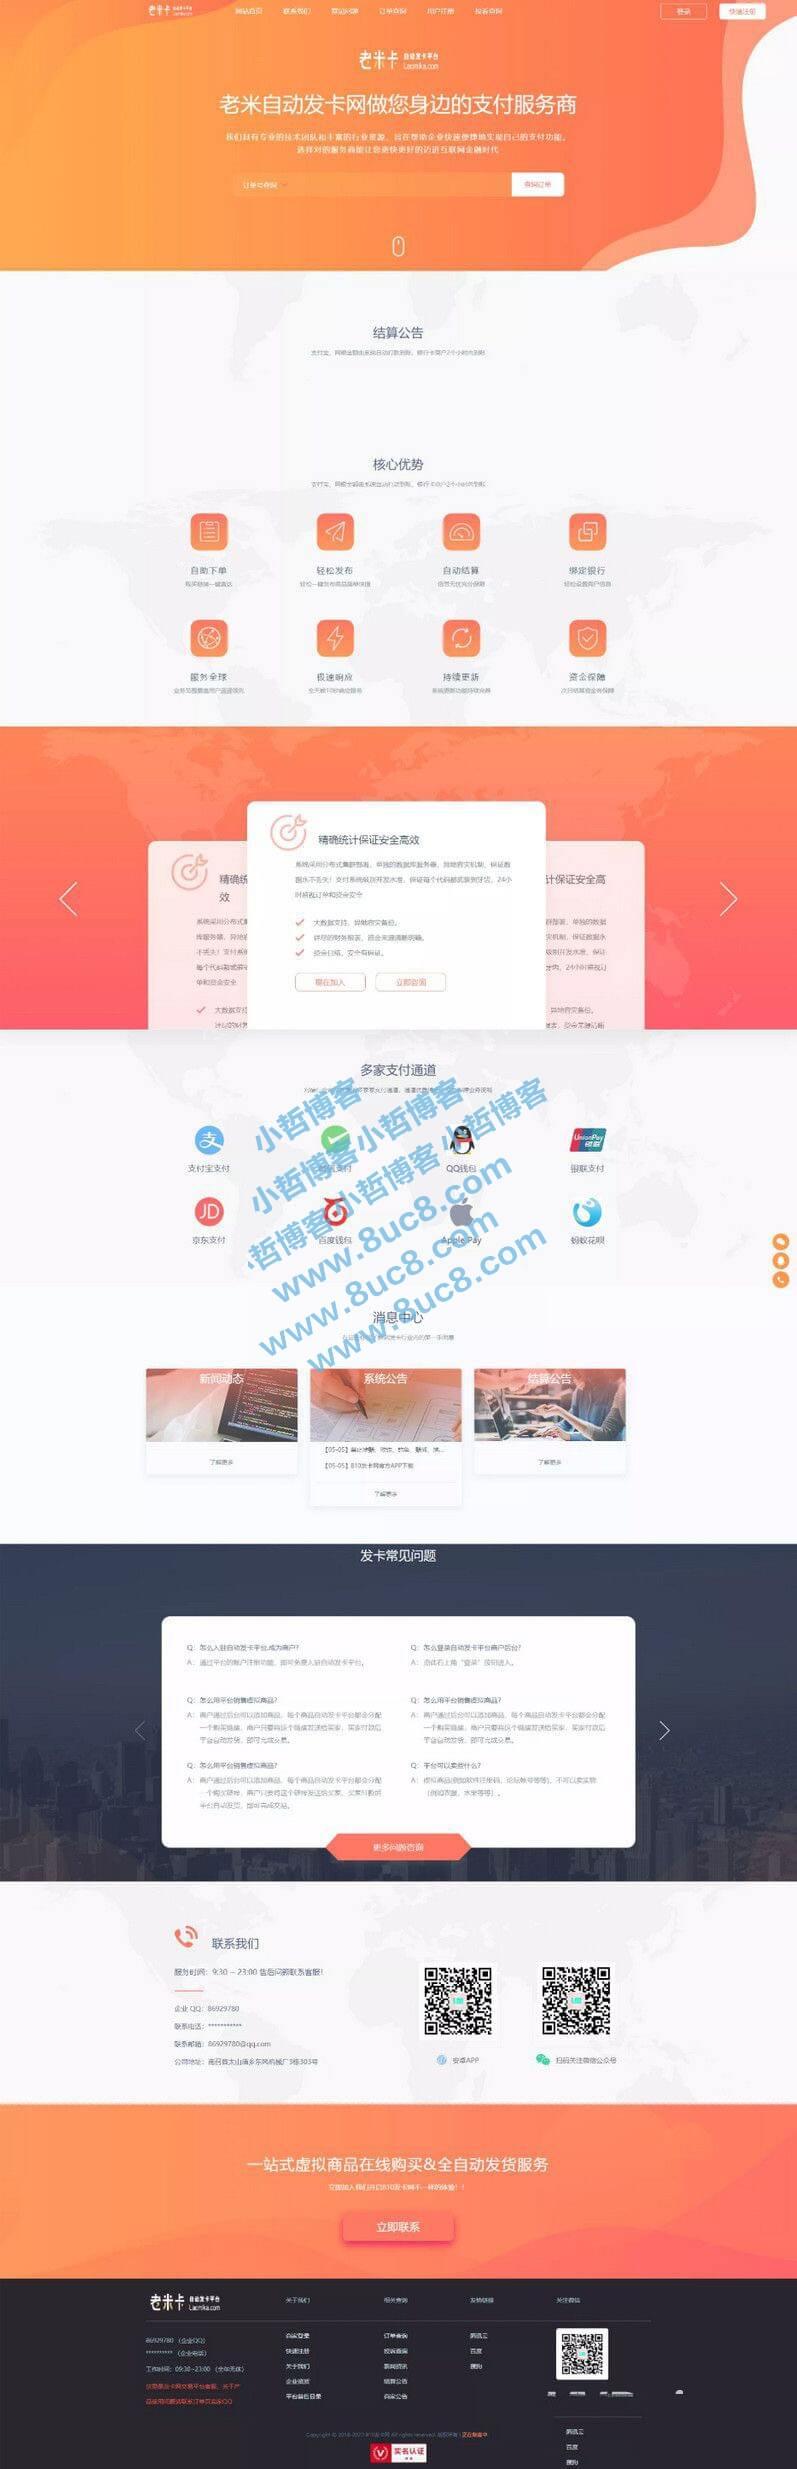 知宇发卡系统510橙色模版+手机端模版+商户模版 (https://www.8uc8.com/) 源码下载 第1张